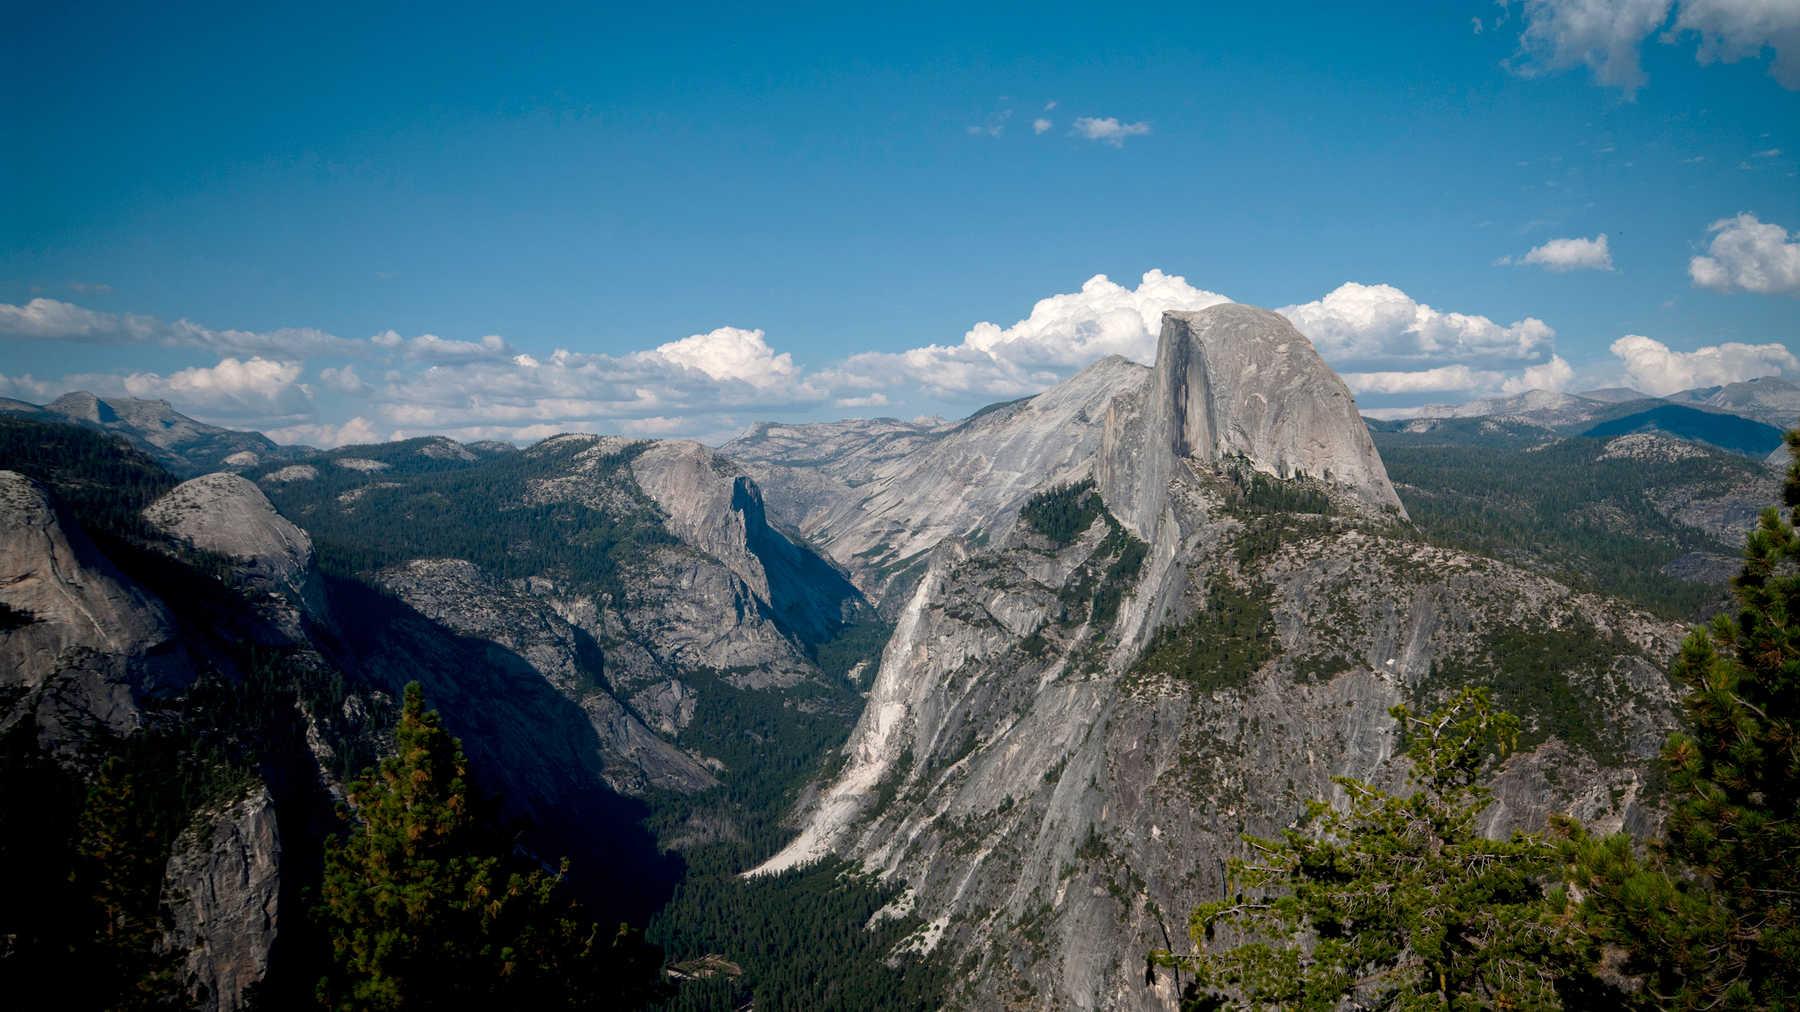 Natural Highlights of California USA